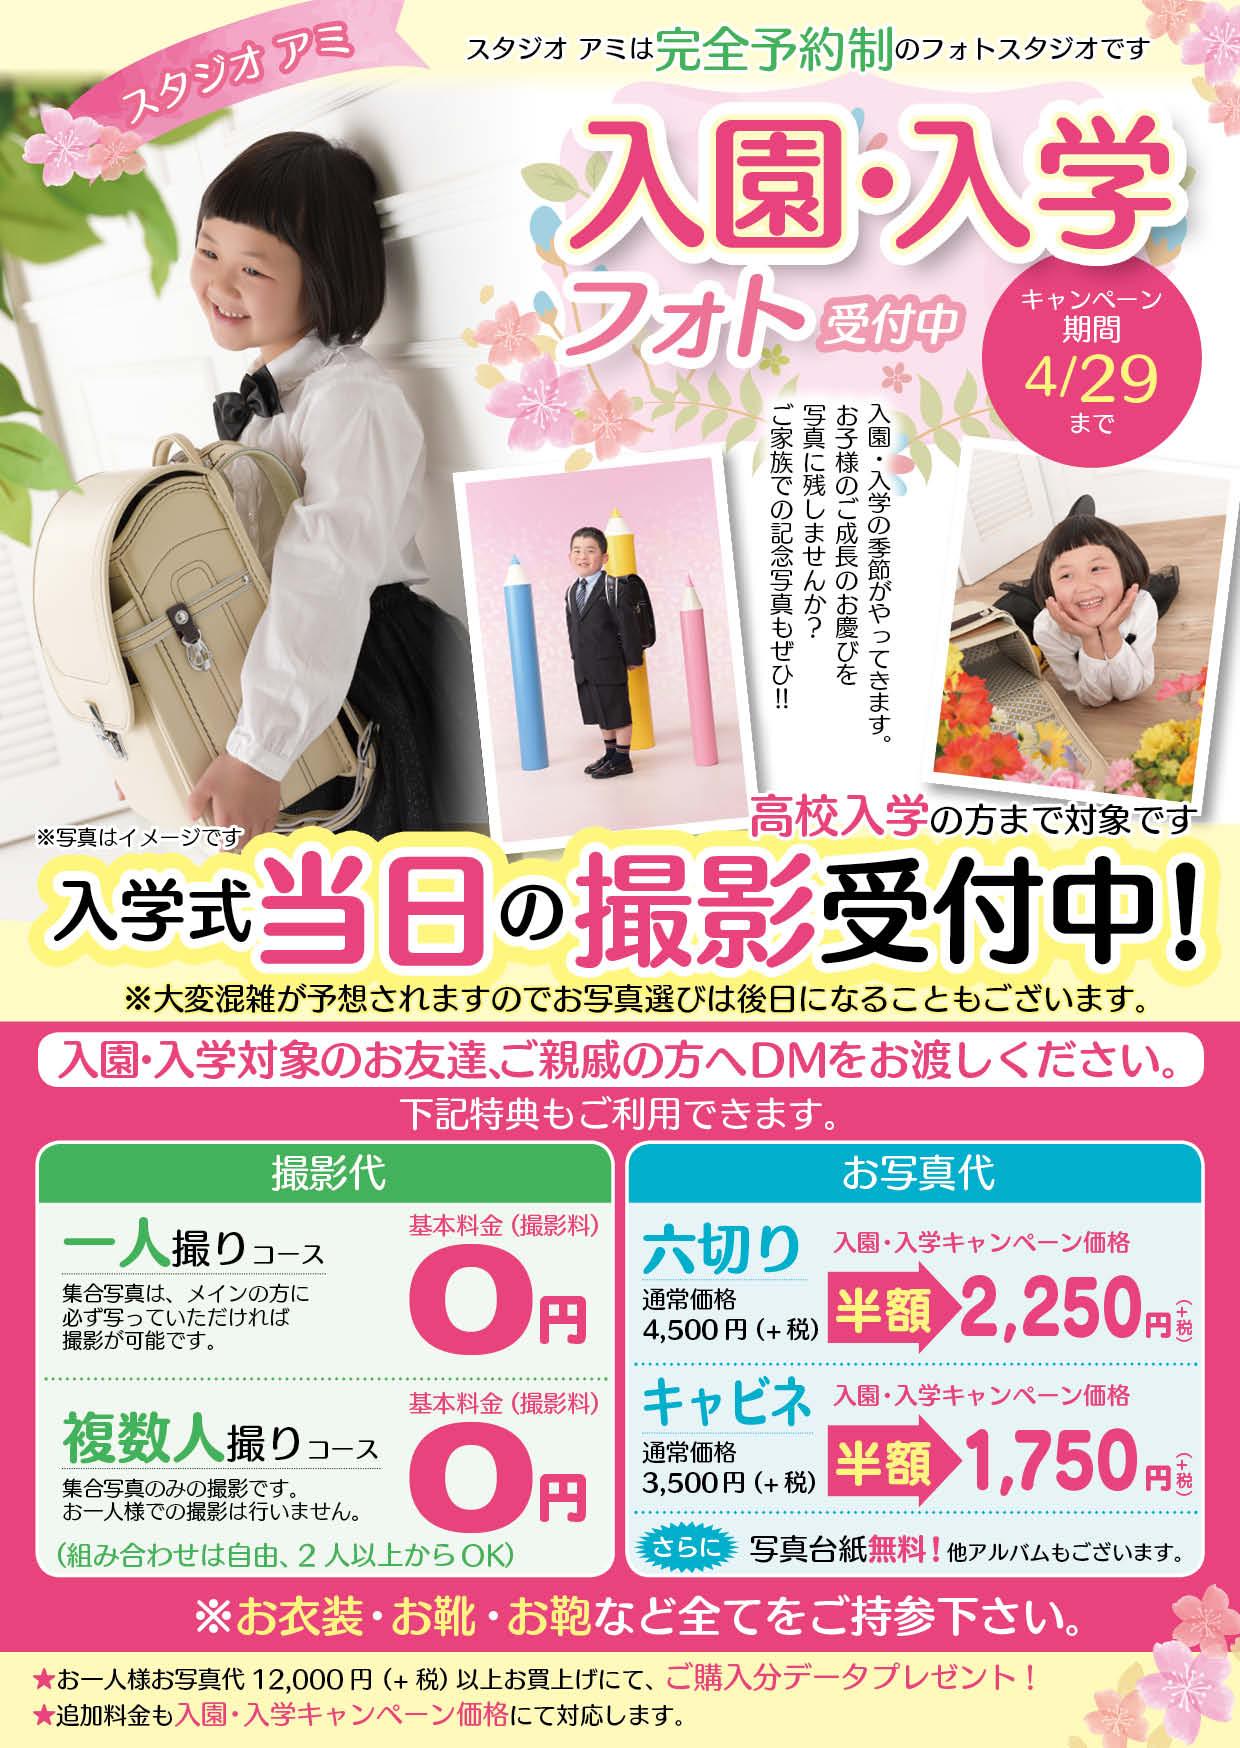 スタジオアミの入園入学フォトキャンペーン